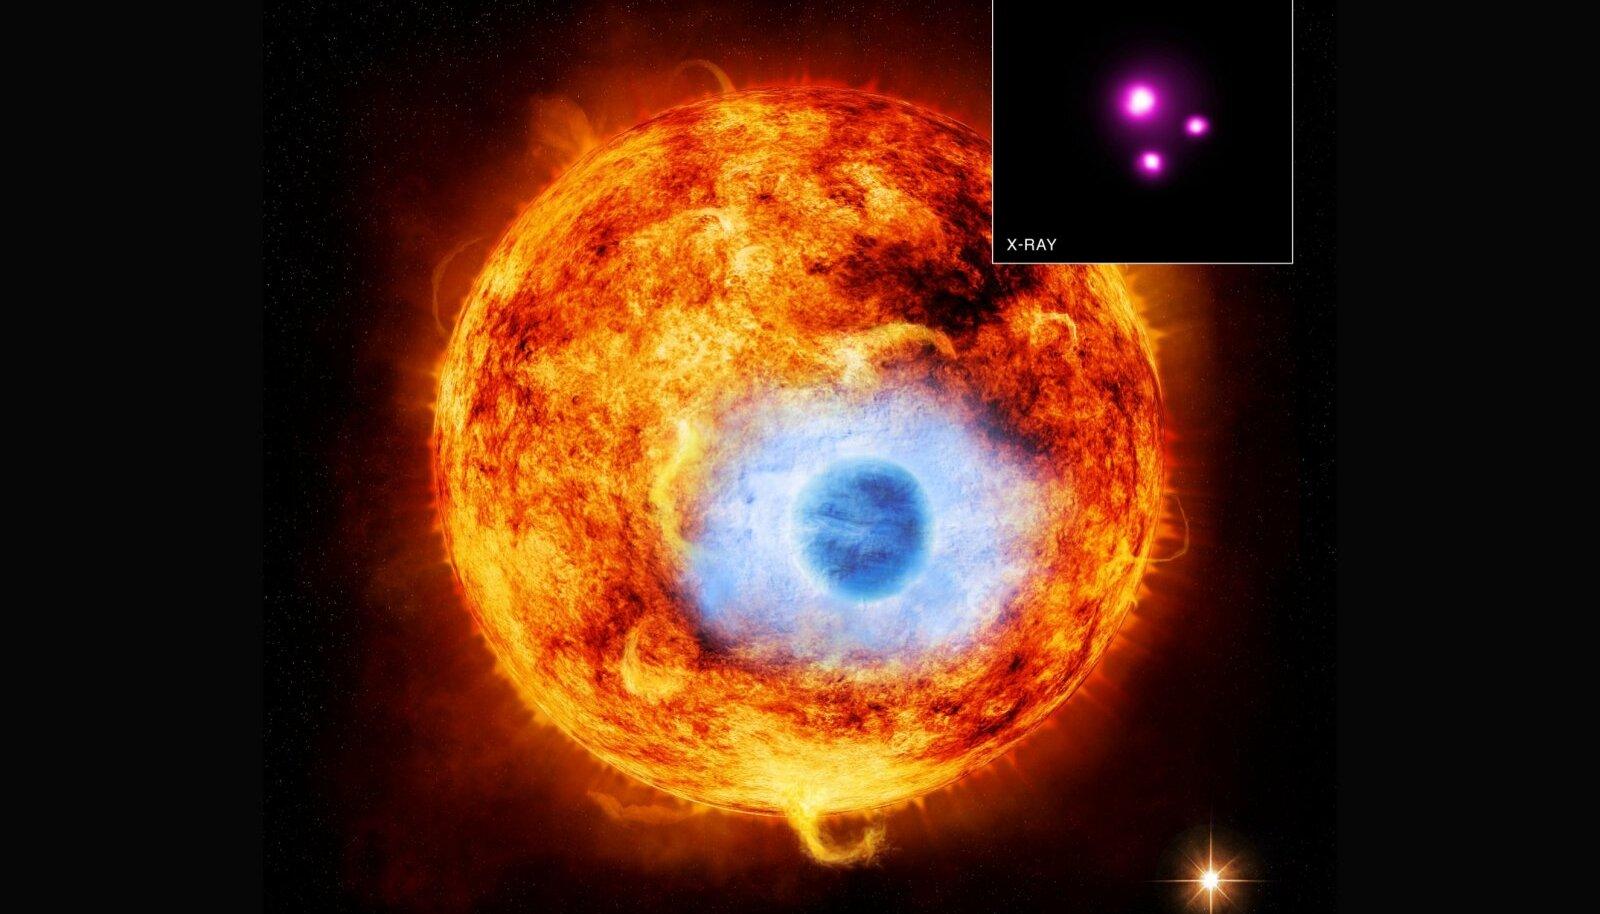 Eksoplaneet HD 189733b.